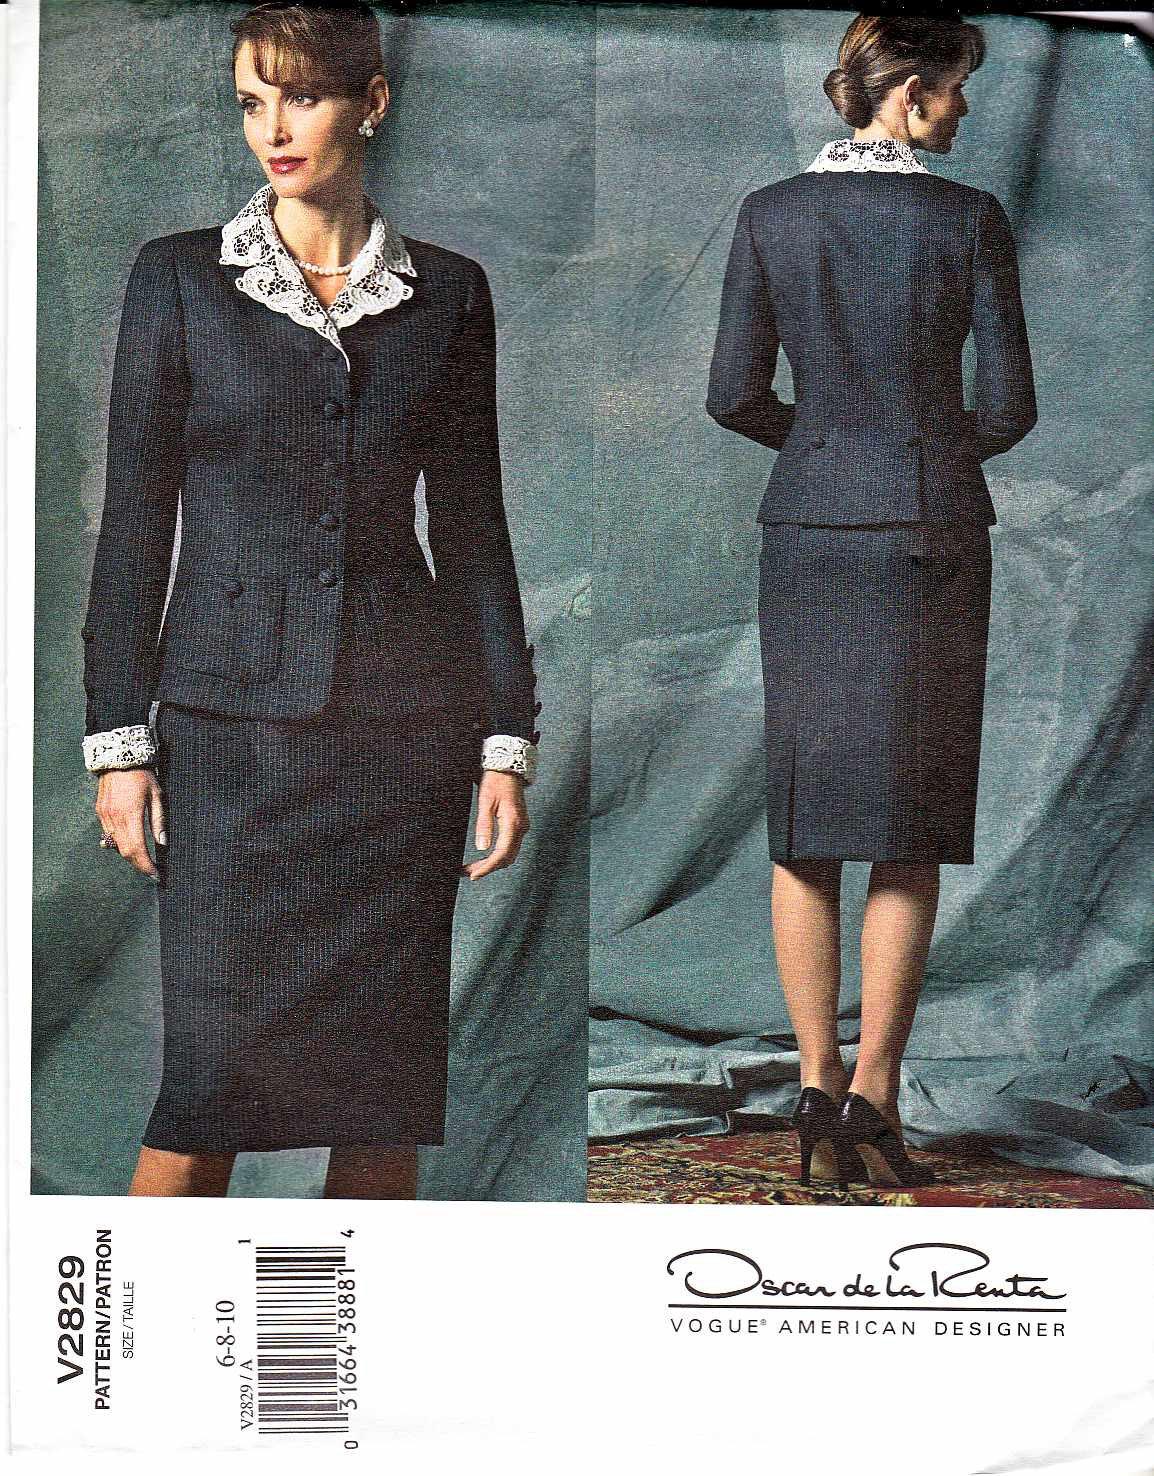 Vogue Sewing Pattern 2829 Misses Size 12-14-16 Oscar de la Renta Suit Skirt Jacket